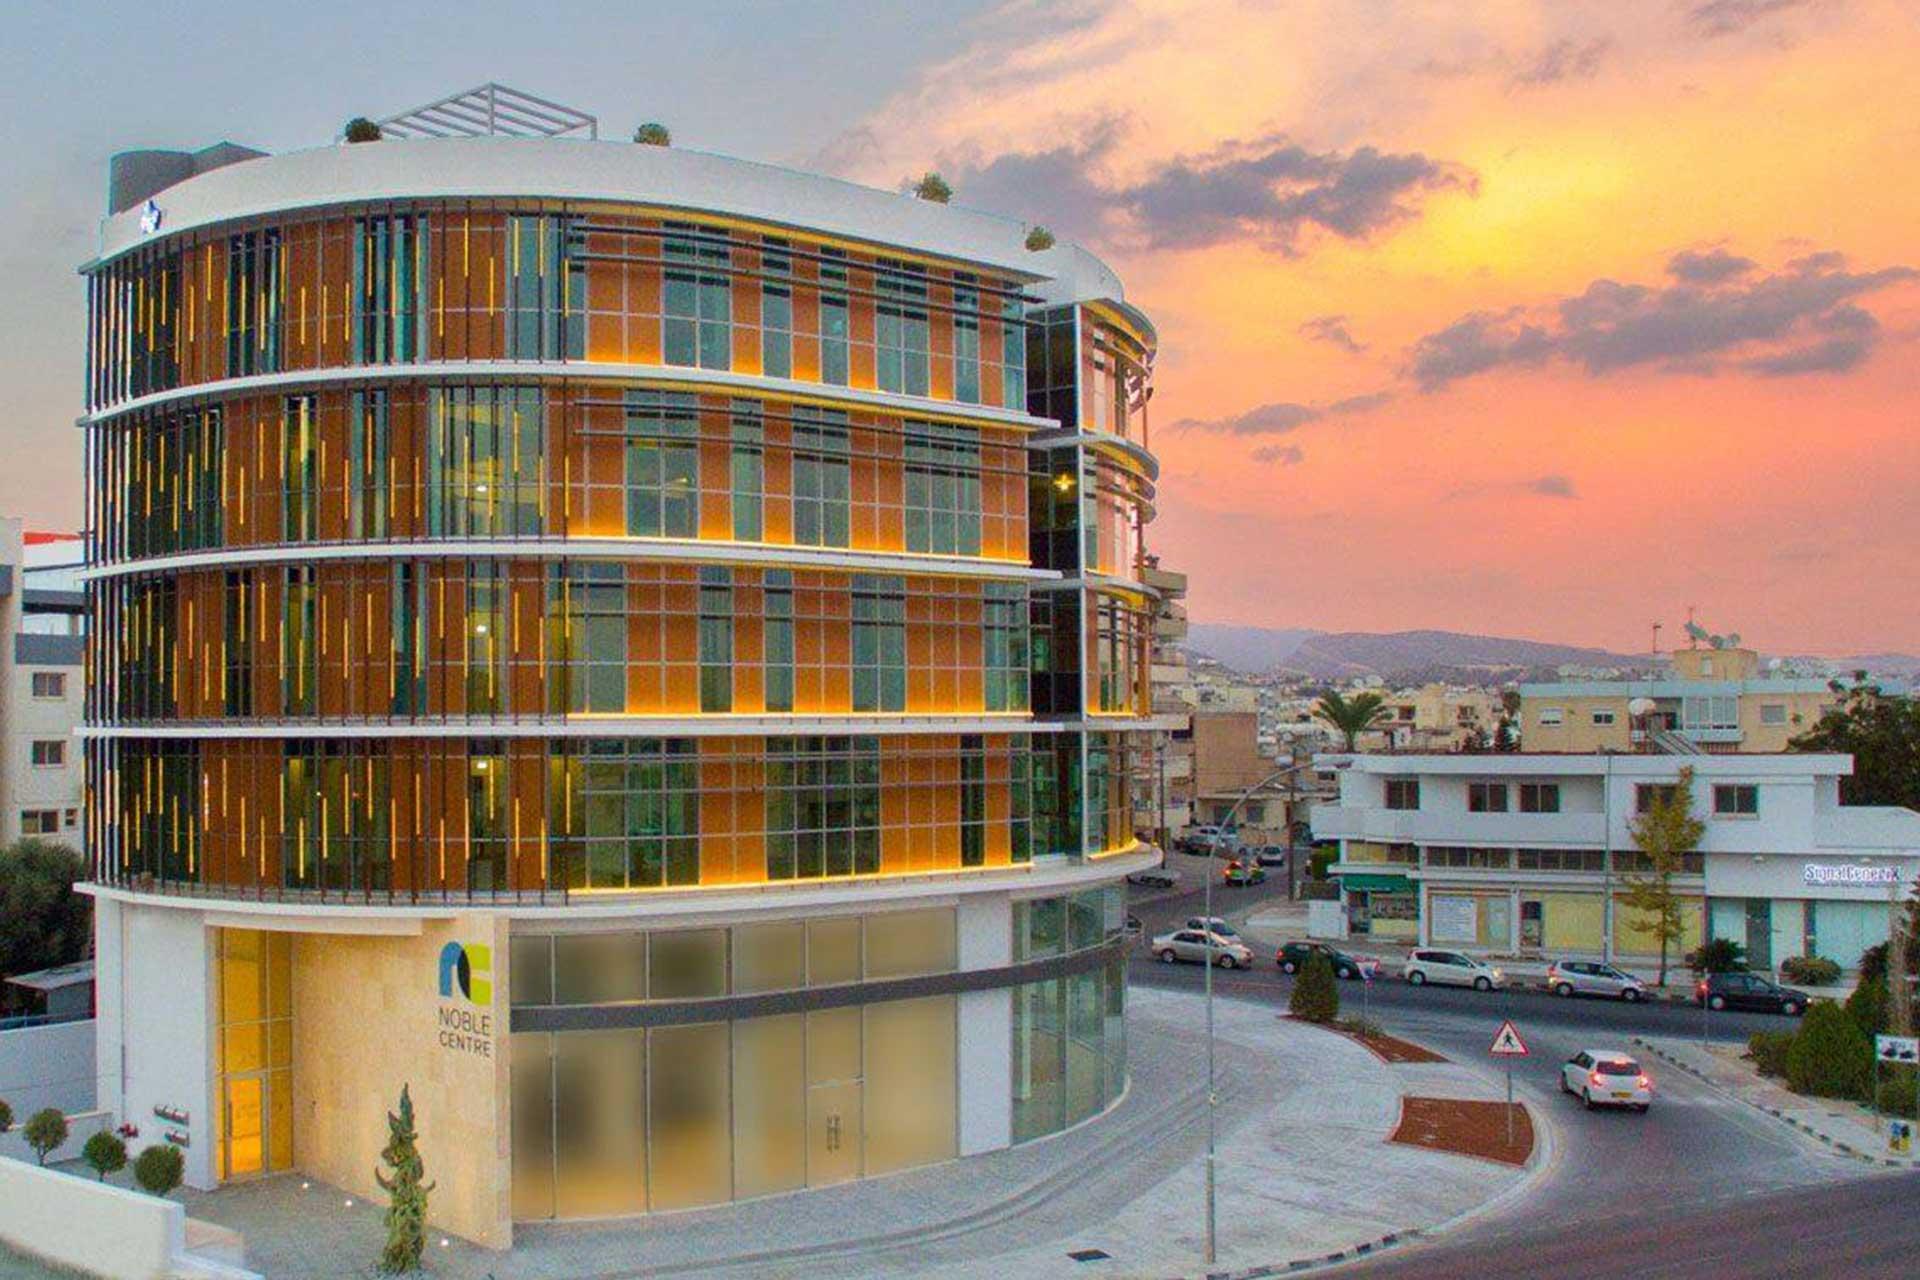 ELEMEC GBC - Projects, Noble Centre